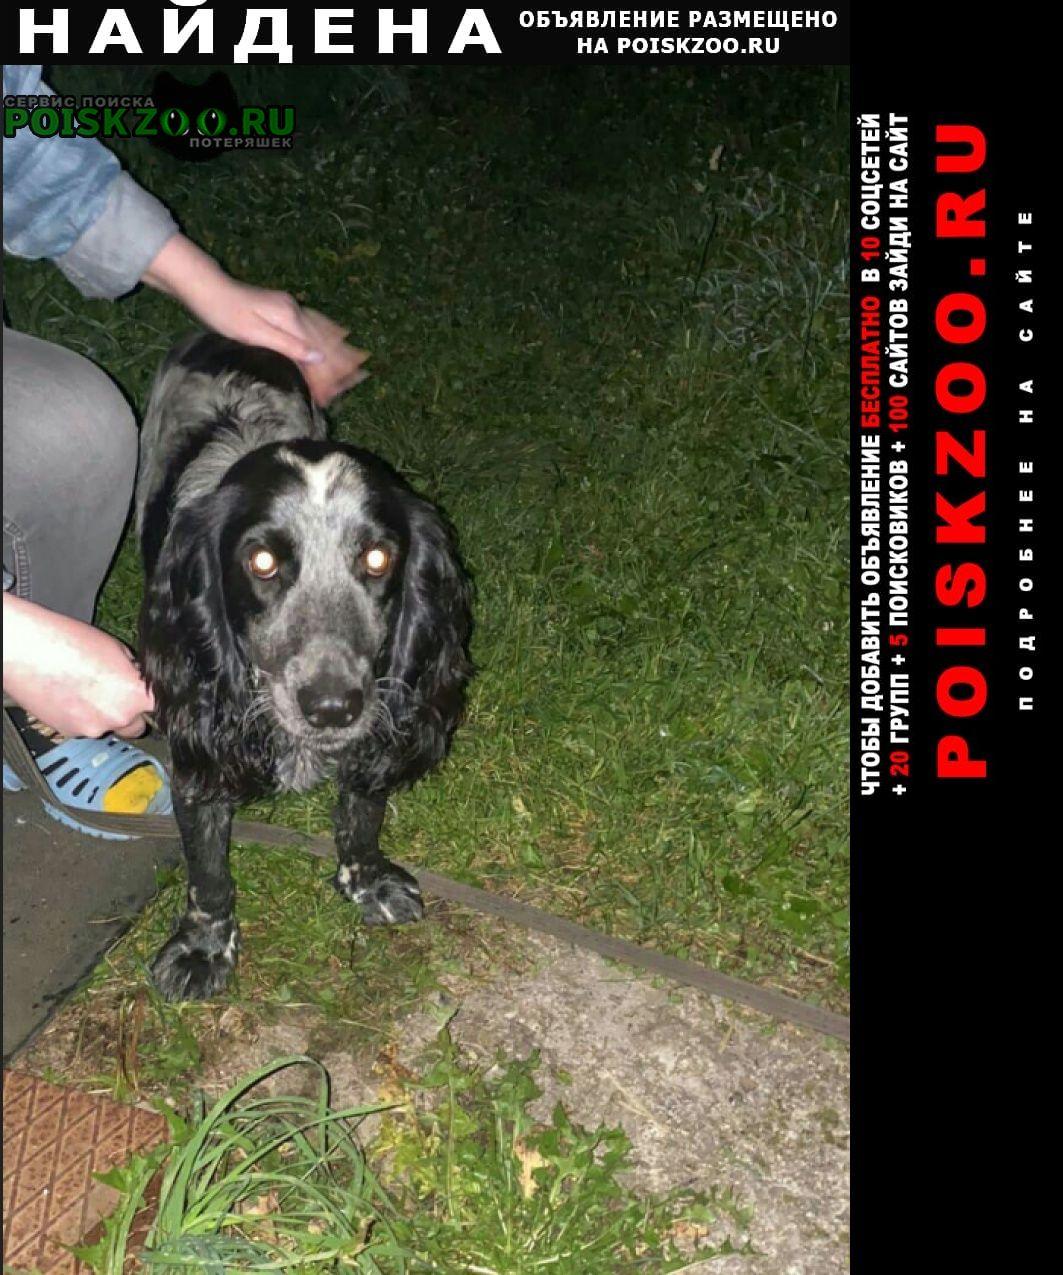 Найдена собака черно-пегий спаниель кобель Иваново